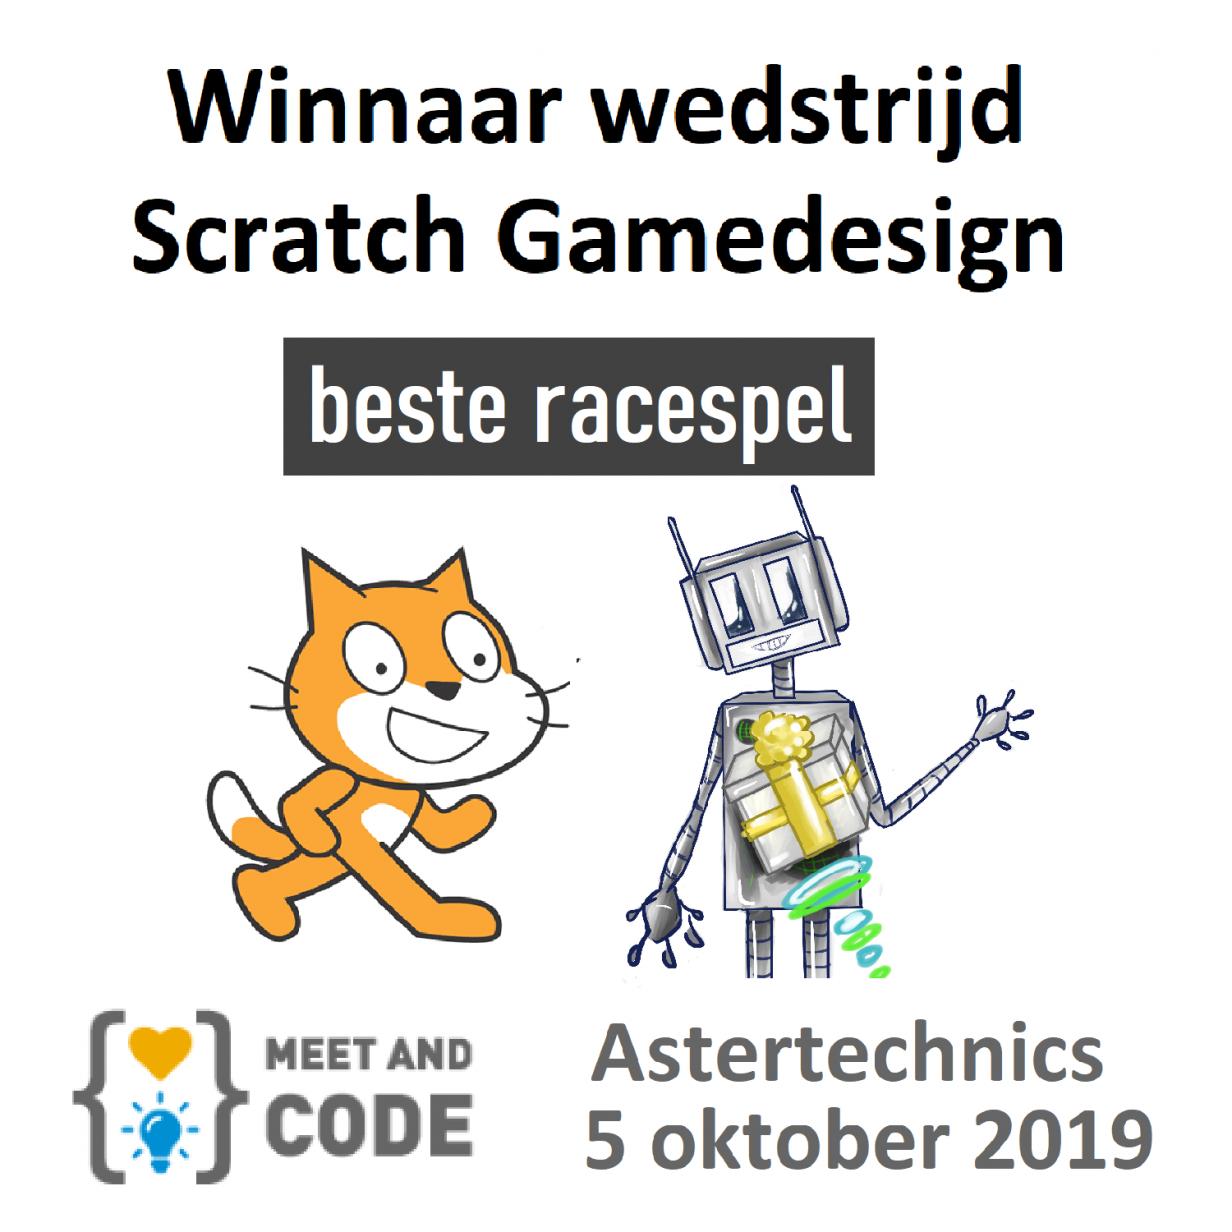 Scratch Gamedesign